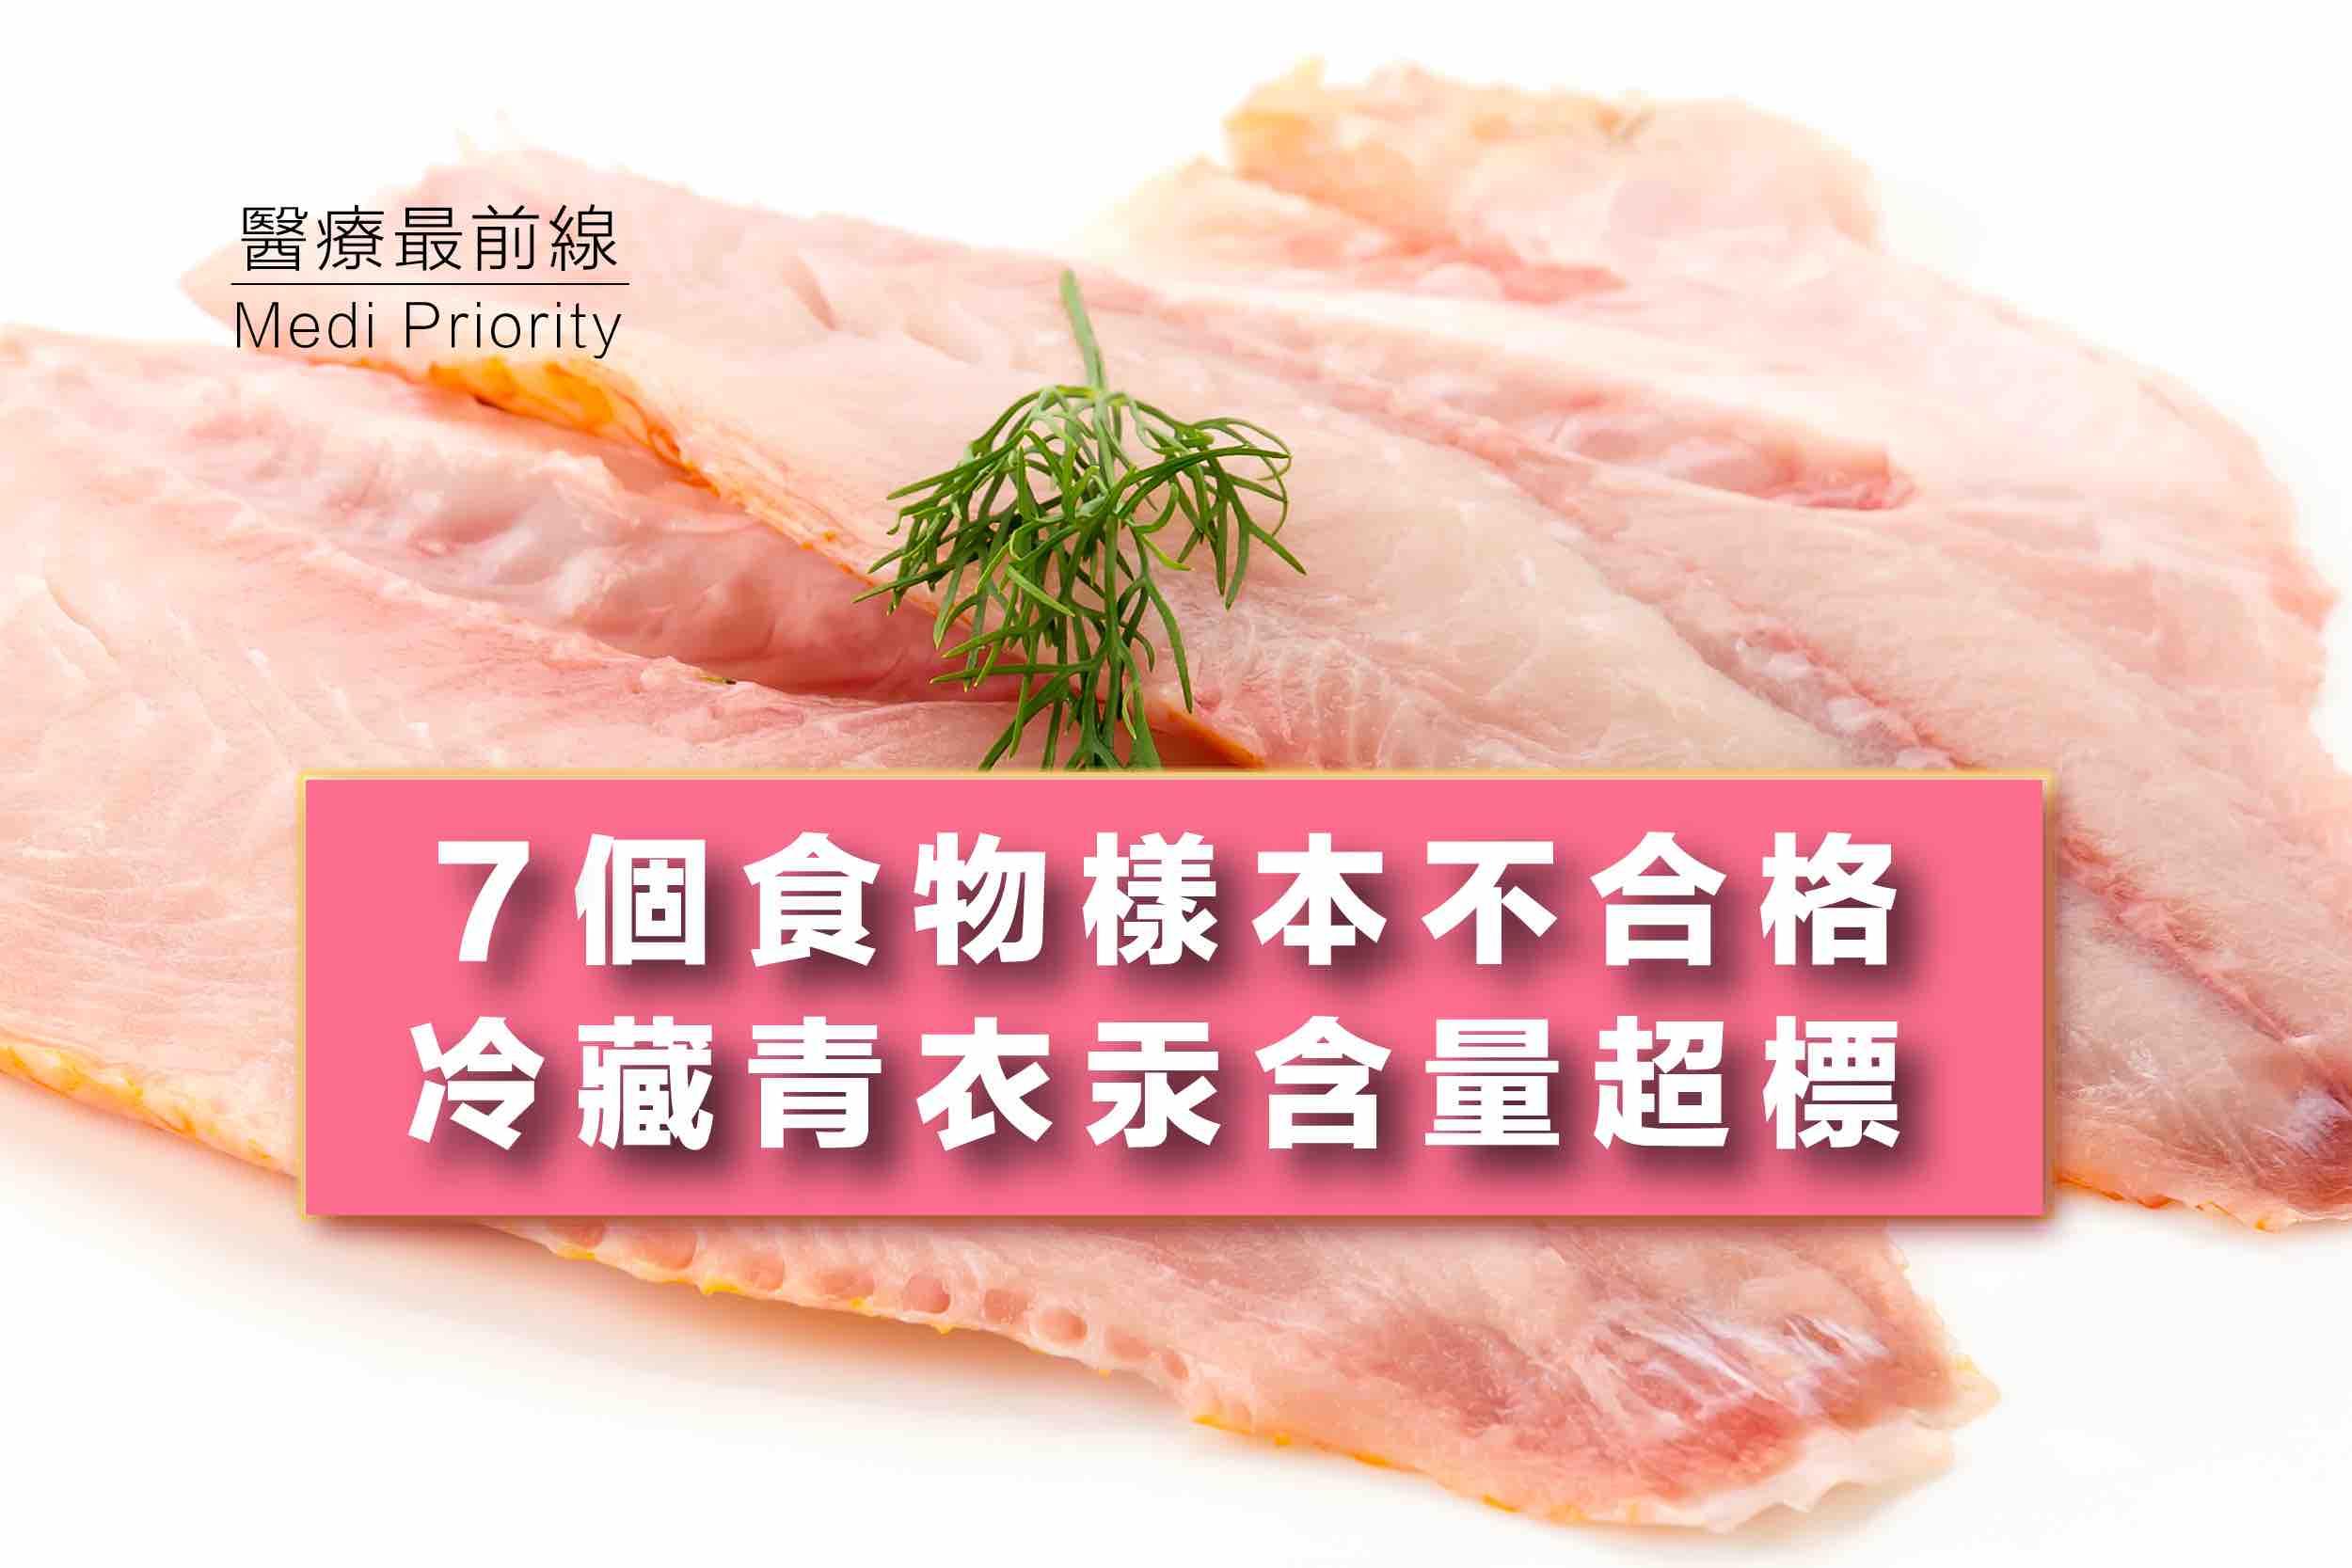 You are currently viewing 【7個食物樣本不合格】冷藏青衣汞含量超標